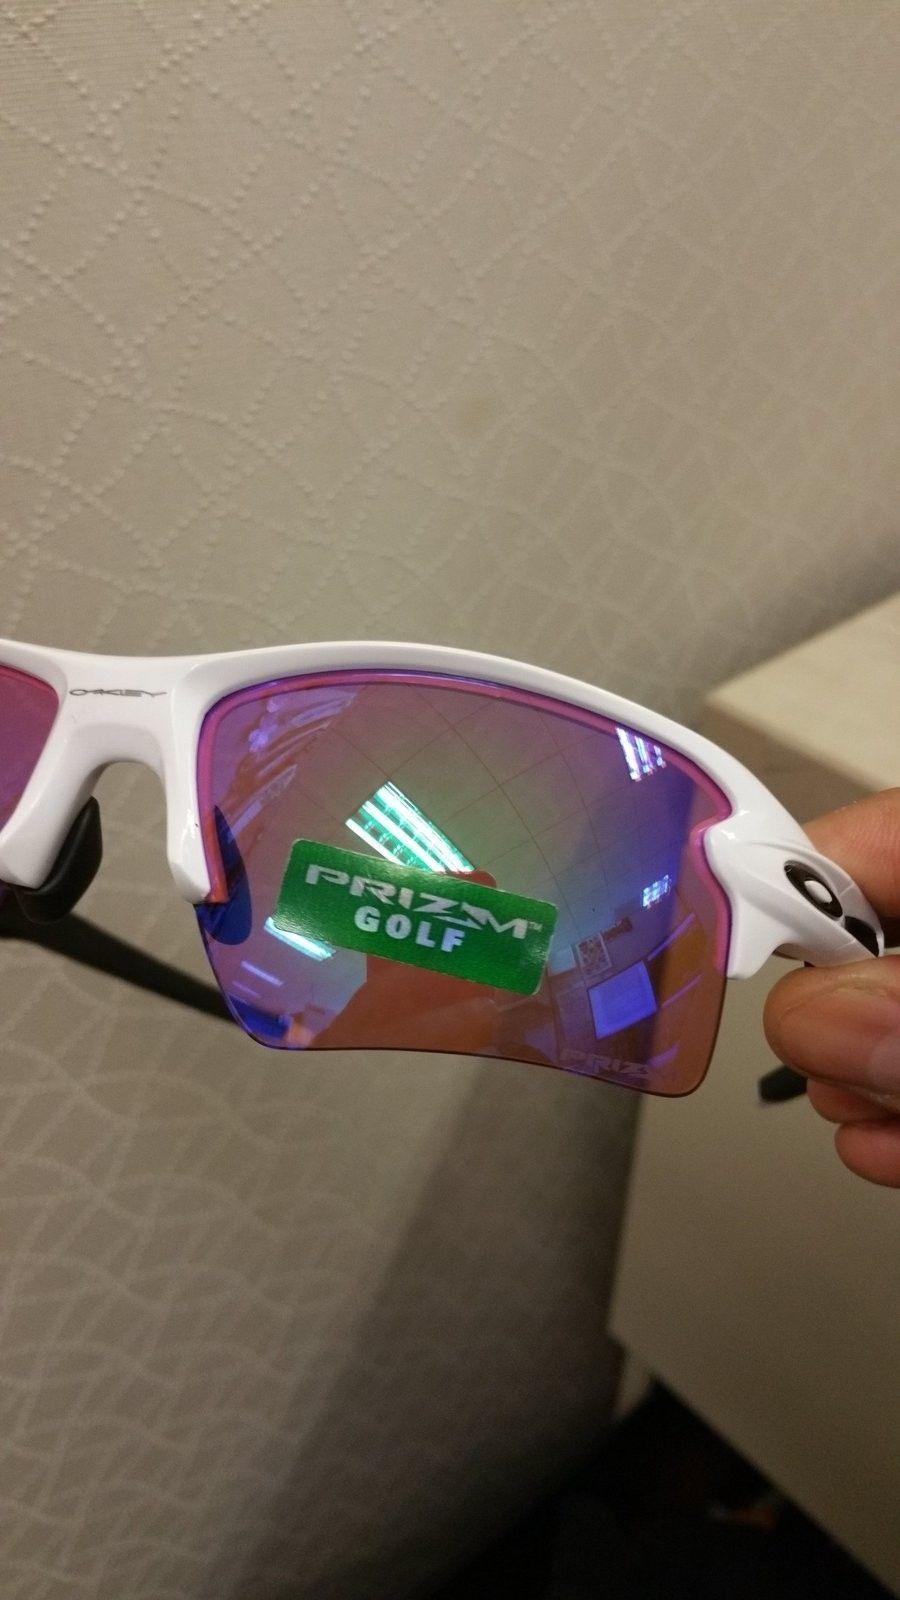 Flak 2.0 polish white w/ Prizm golf - uploadfromtaptalk1438895023439.jpg